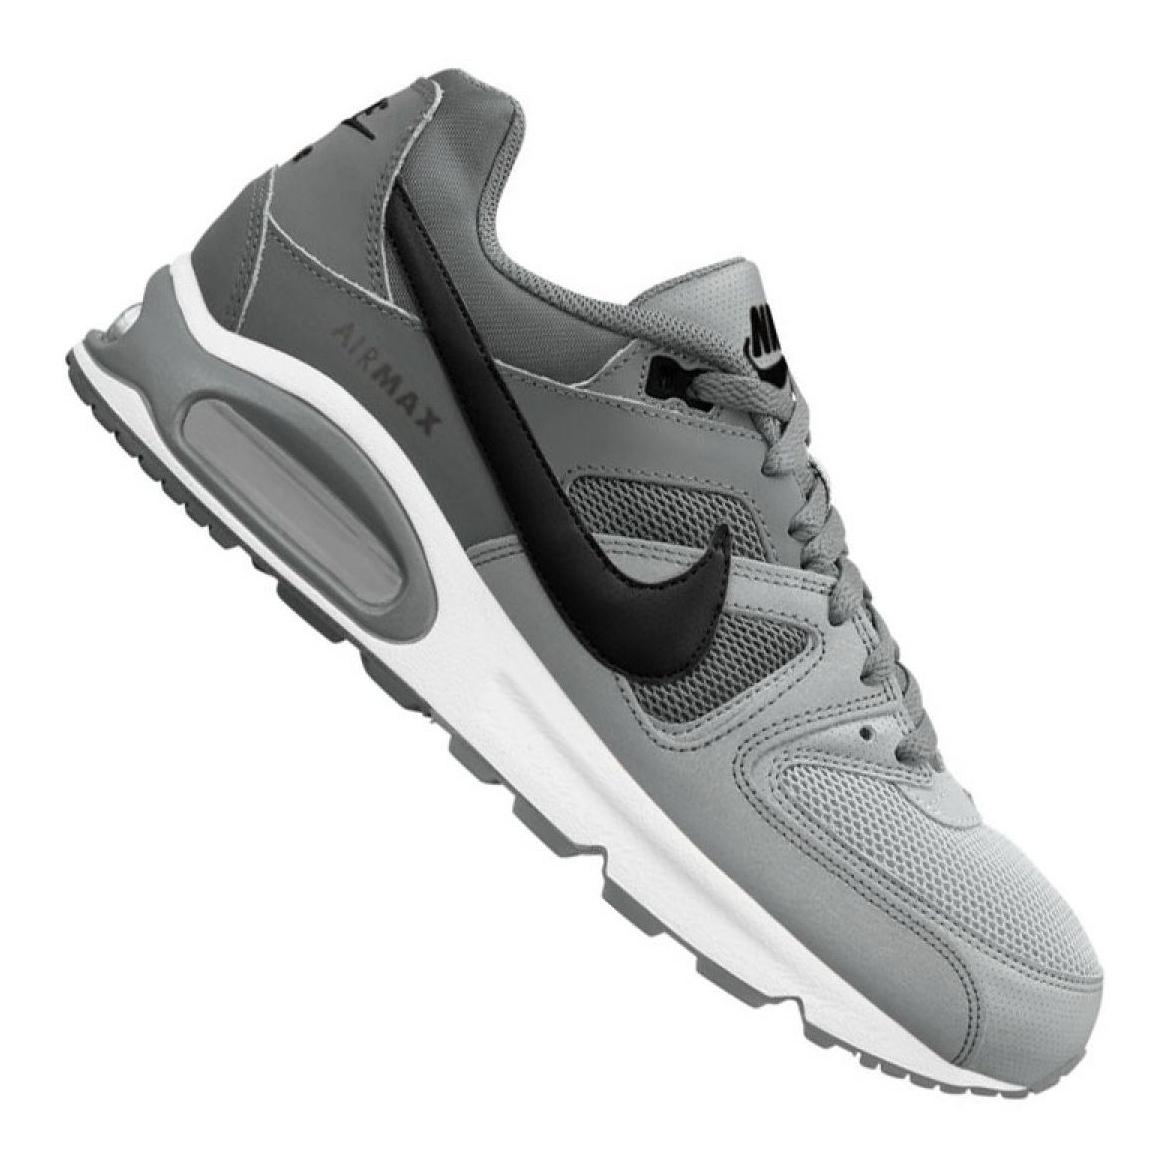 Sapatilhas Nike Air Max Command M 629993 012 cinza